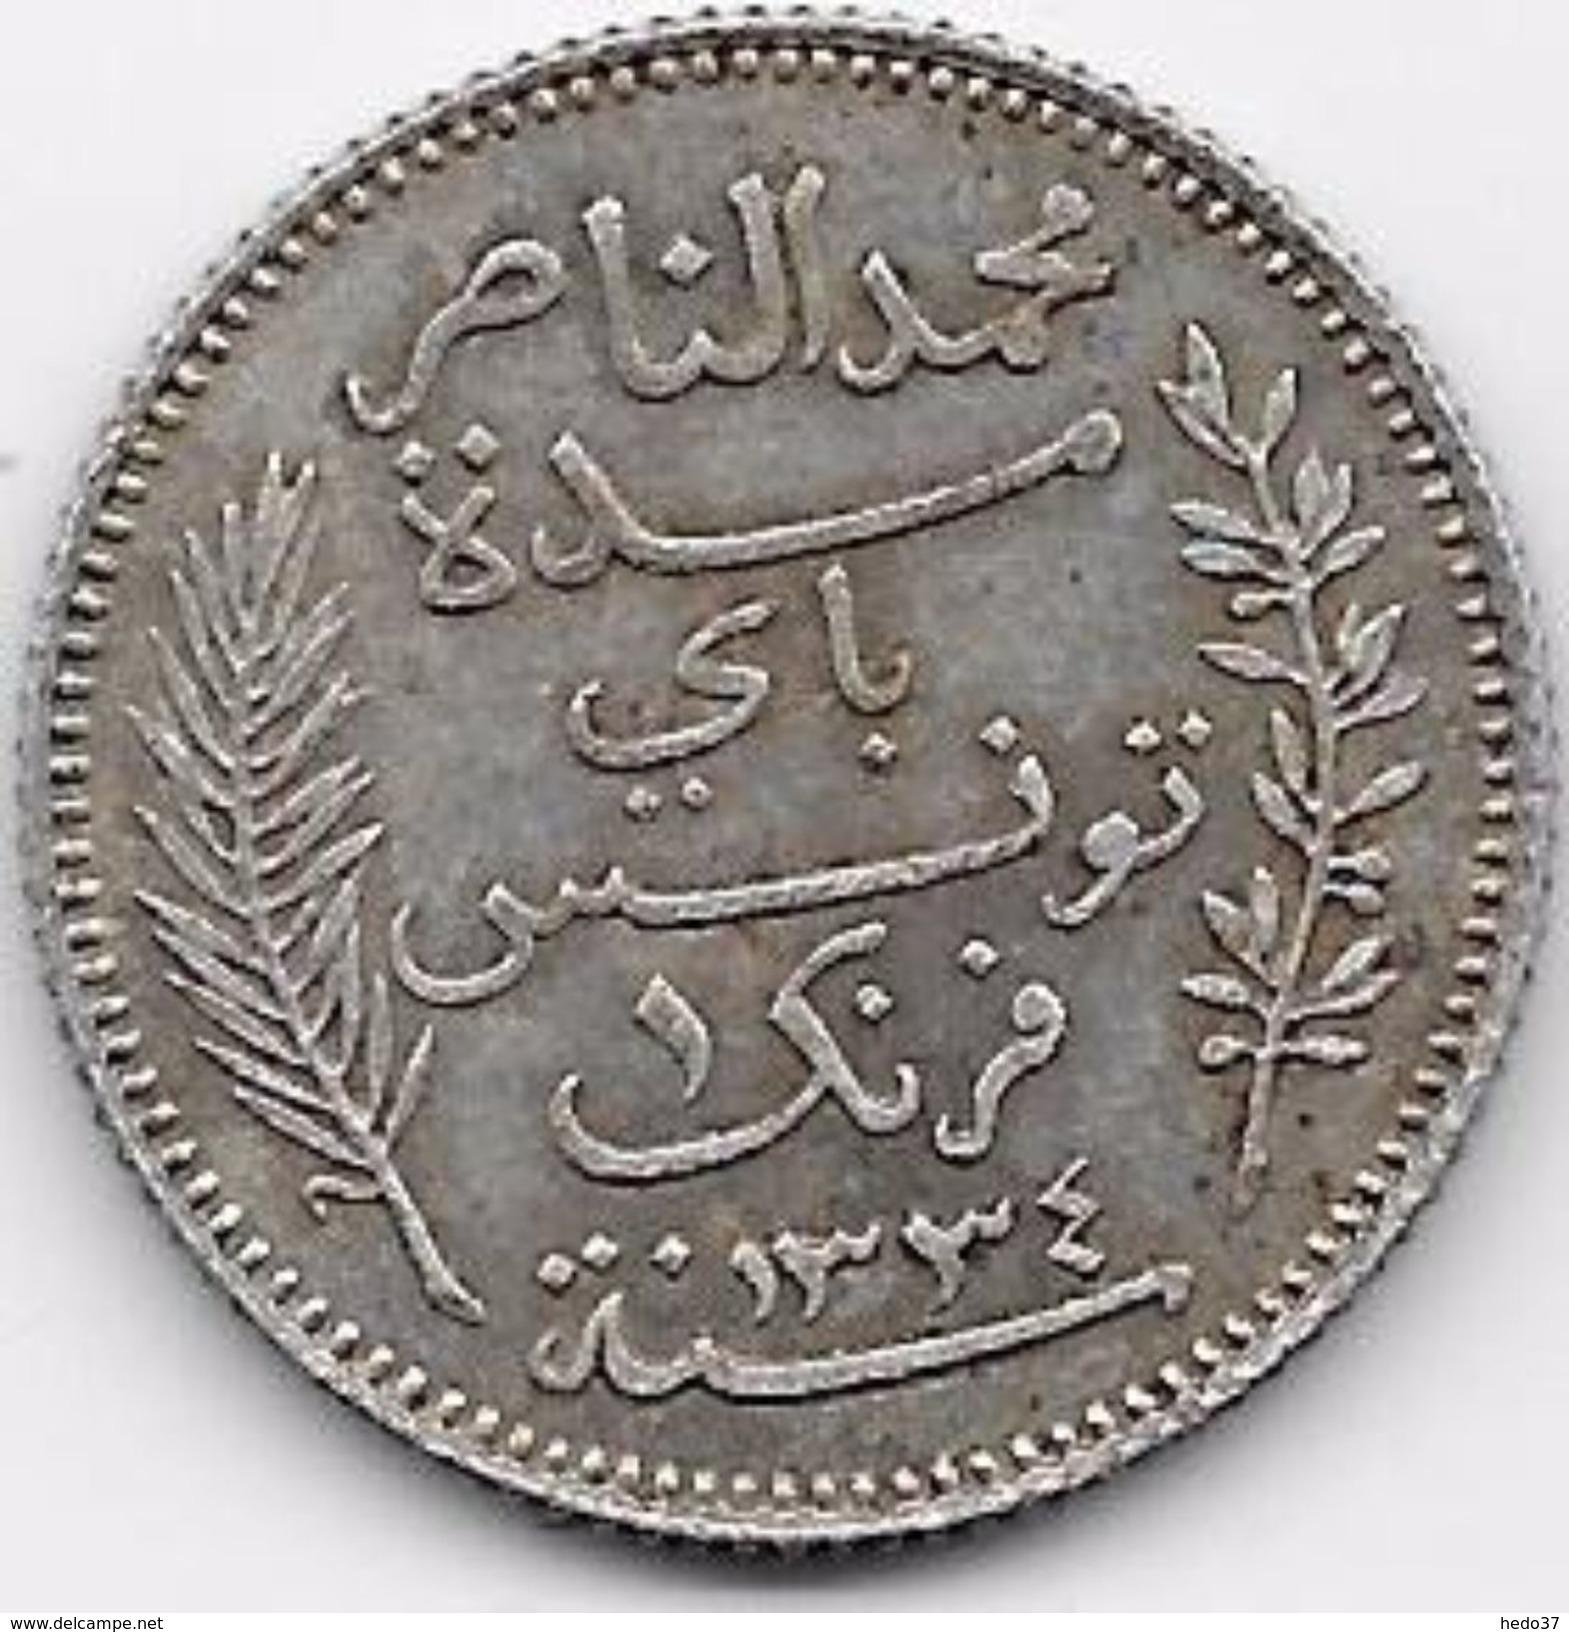 Tunisie 1 Franc 1916 Argent - Monnaies